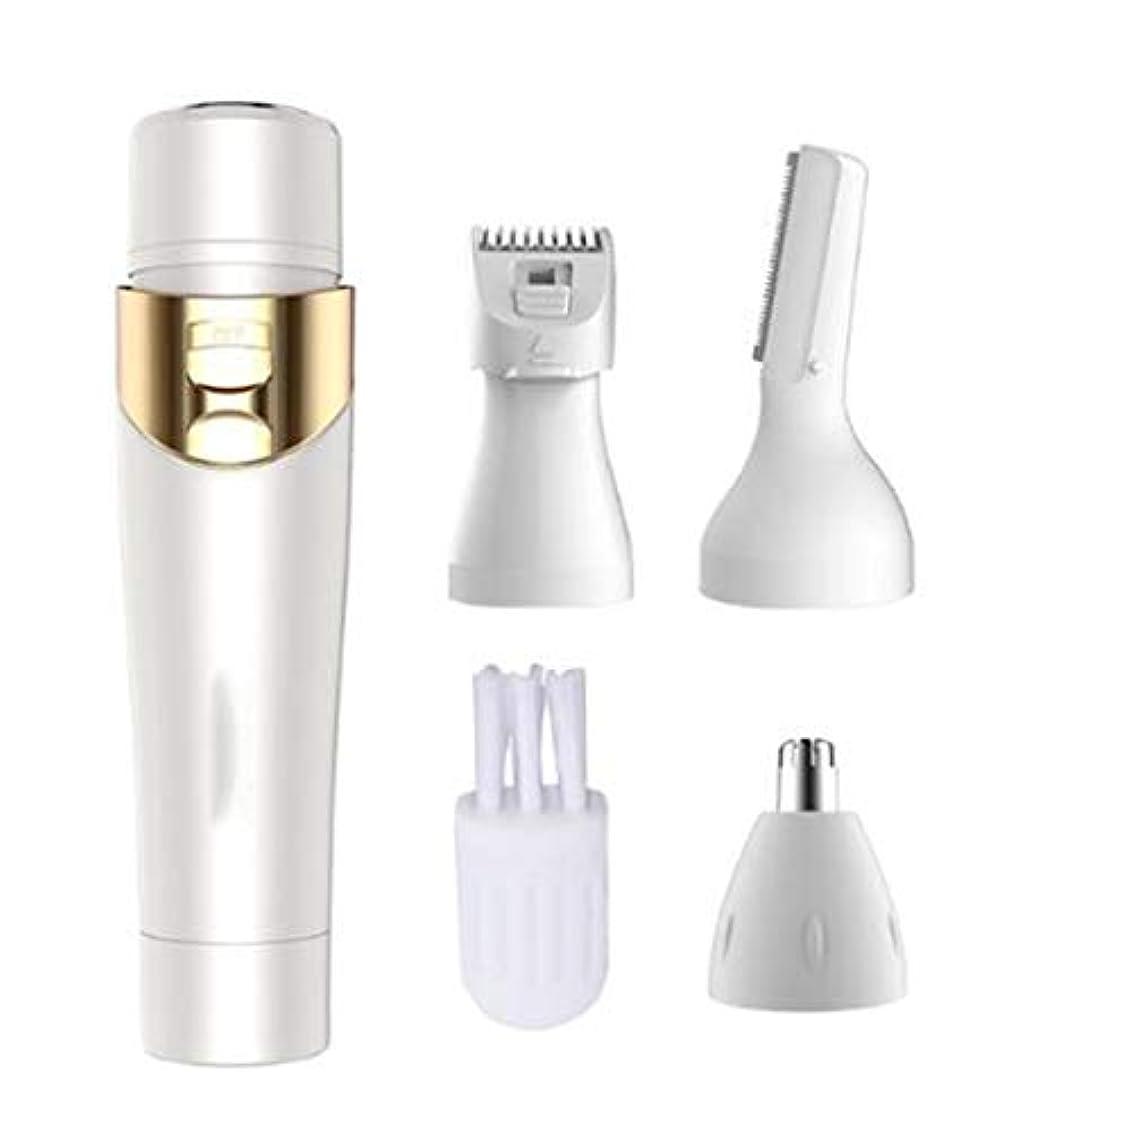 酸いつでも印象的な女性の電気かみそり、顔の毛のリムーバー充電式ポータブル脱毛器多機能4 in 1 for体、顔、ビキニ、脇の下 (Color : White)